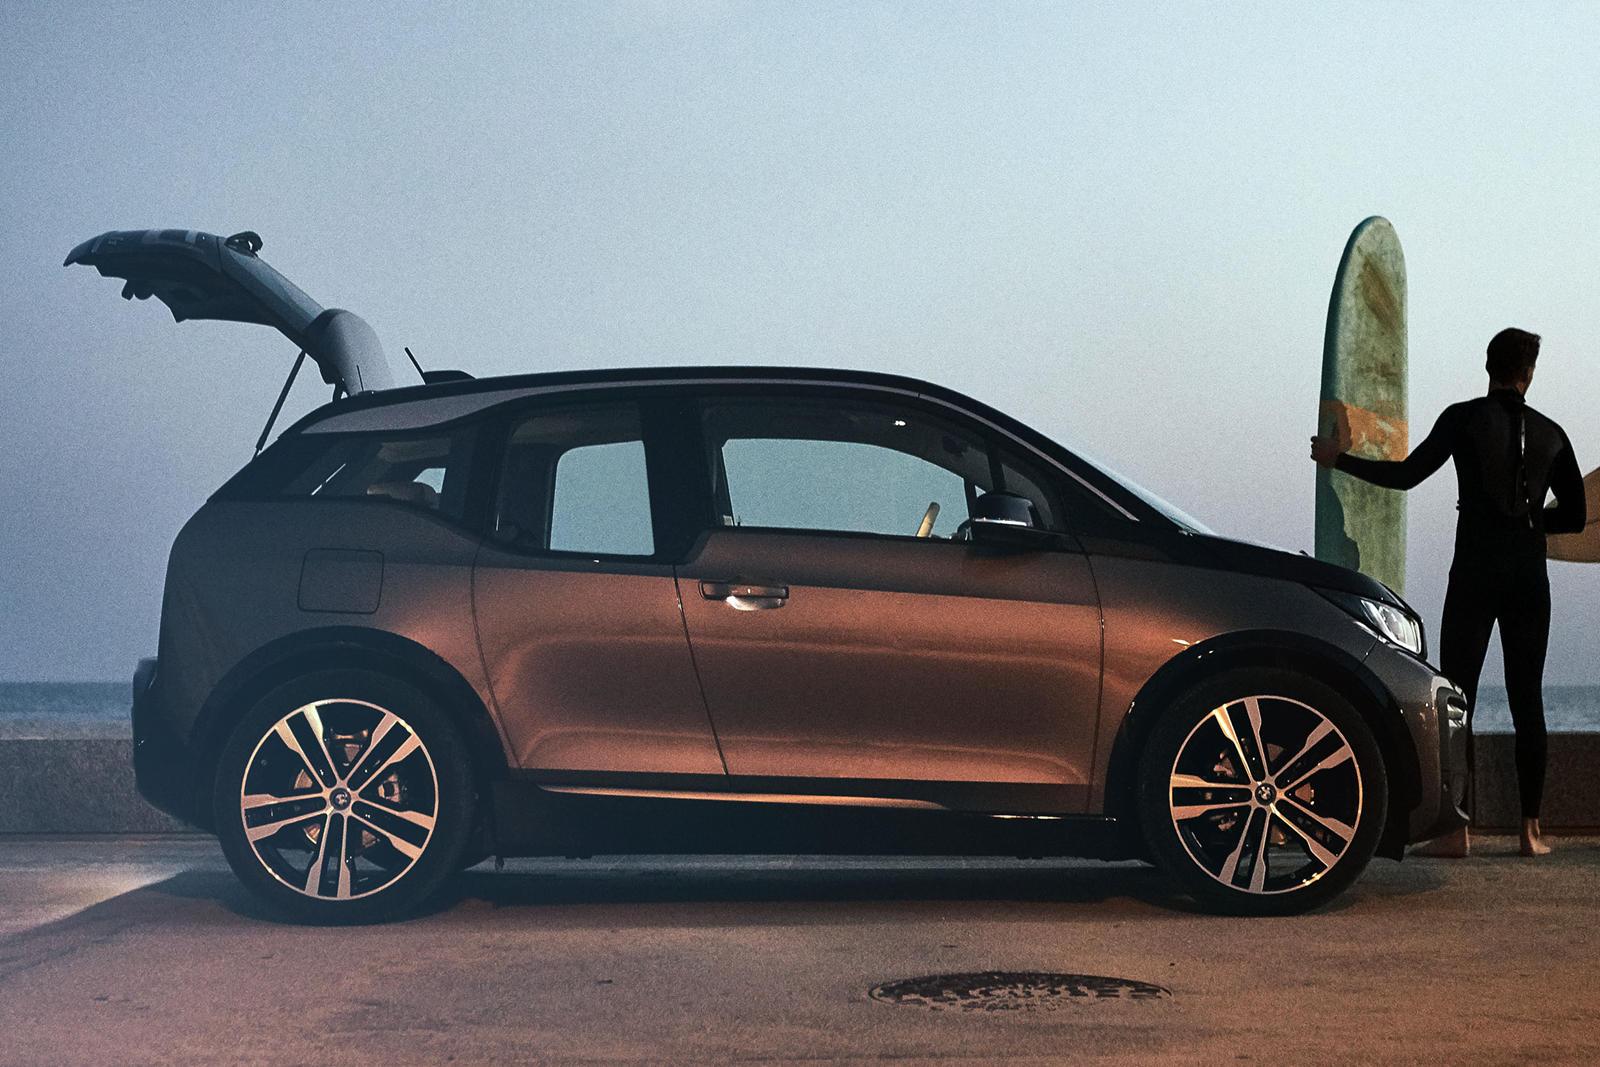 В то время как оригинальный 2014 BMW i3 имел дальность хода 130 км (или 240 км с увеличением дальности), модель 2019 года может проехать 245 км - без увеличения дальности или 320 км с. Добавьте к этому растущее число быстрых зарядок, распространяющих